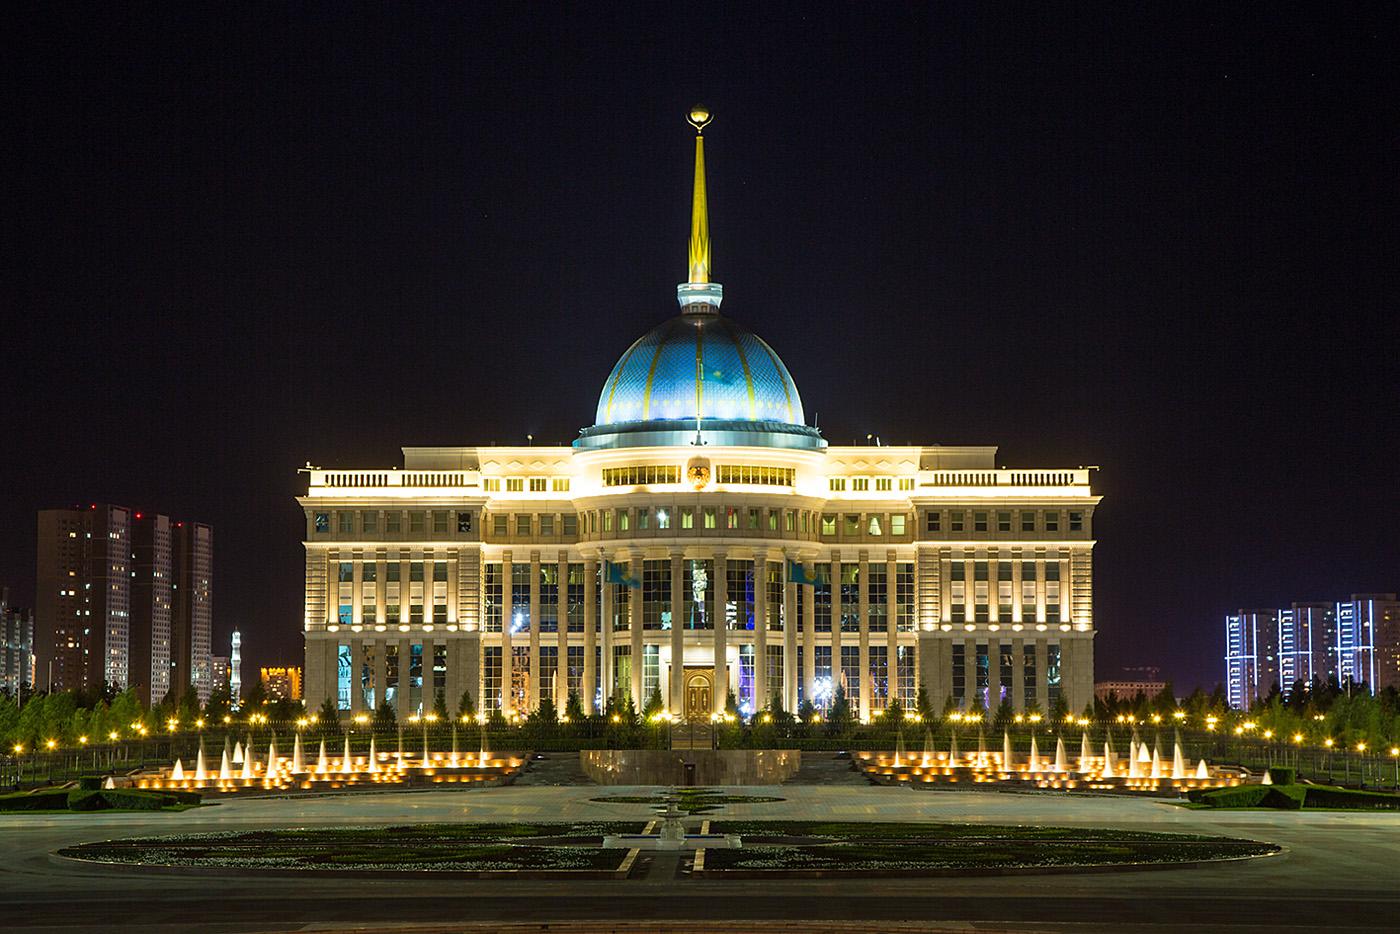 Ak-Orda Palast, Amtssitz des Präsidenten.